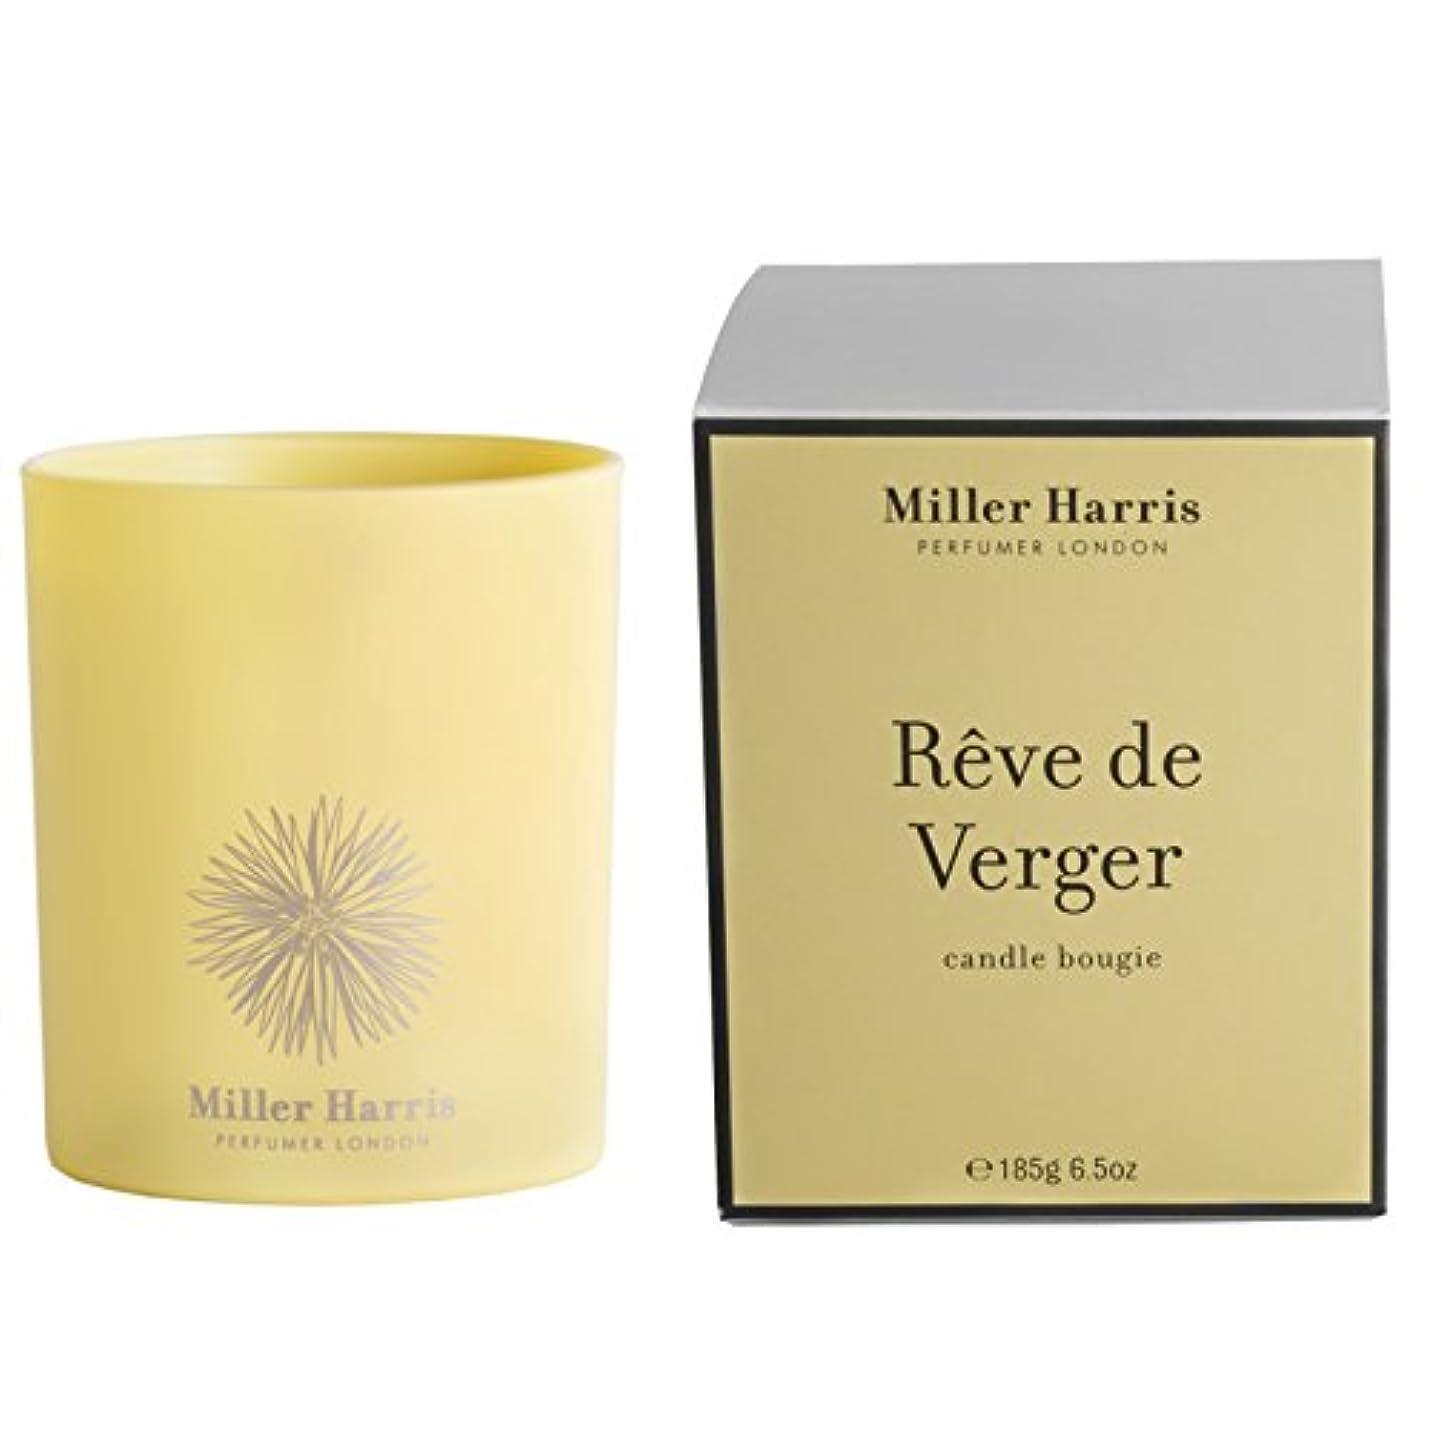 アリ場所エイズミラーハリス Candle - Reve De Verger 185g/6.5oz並行輸入品